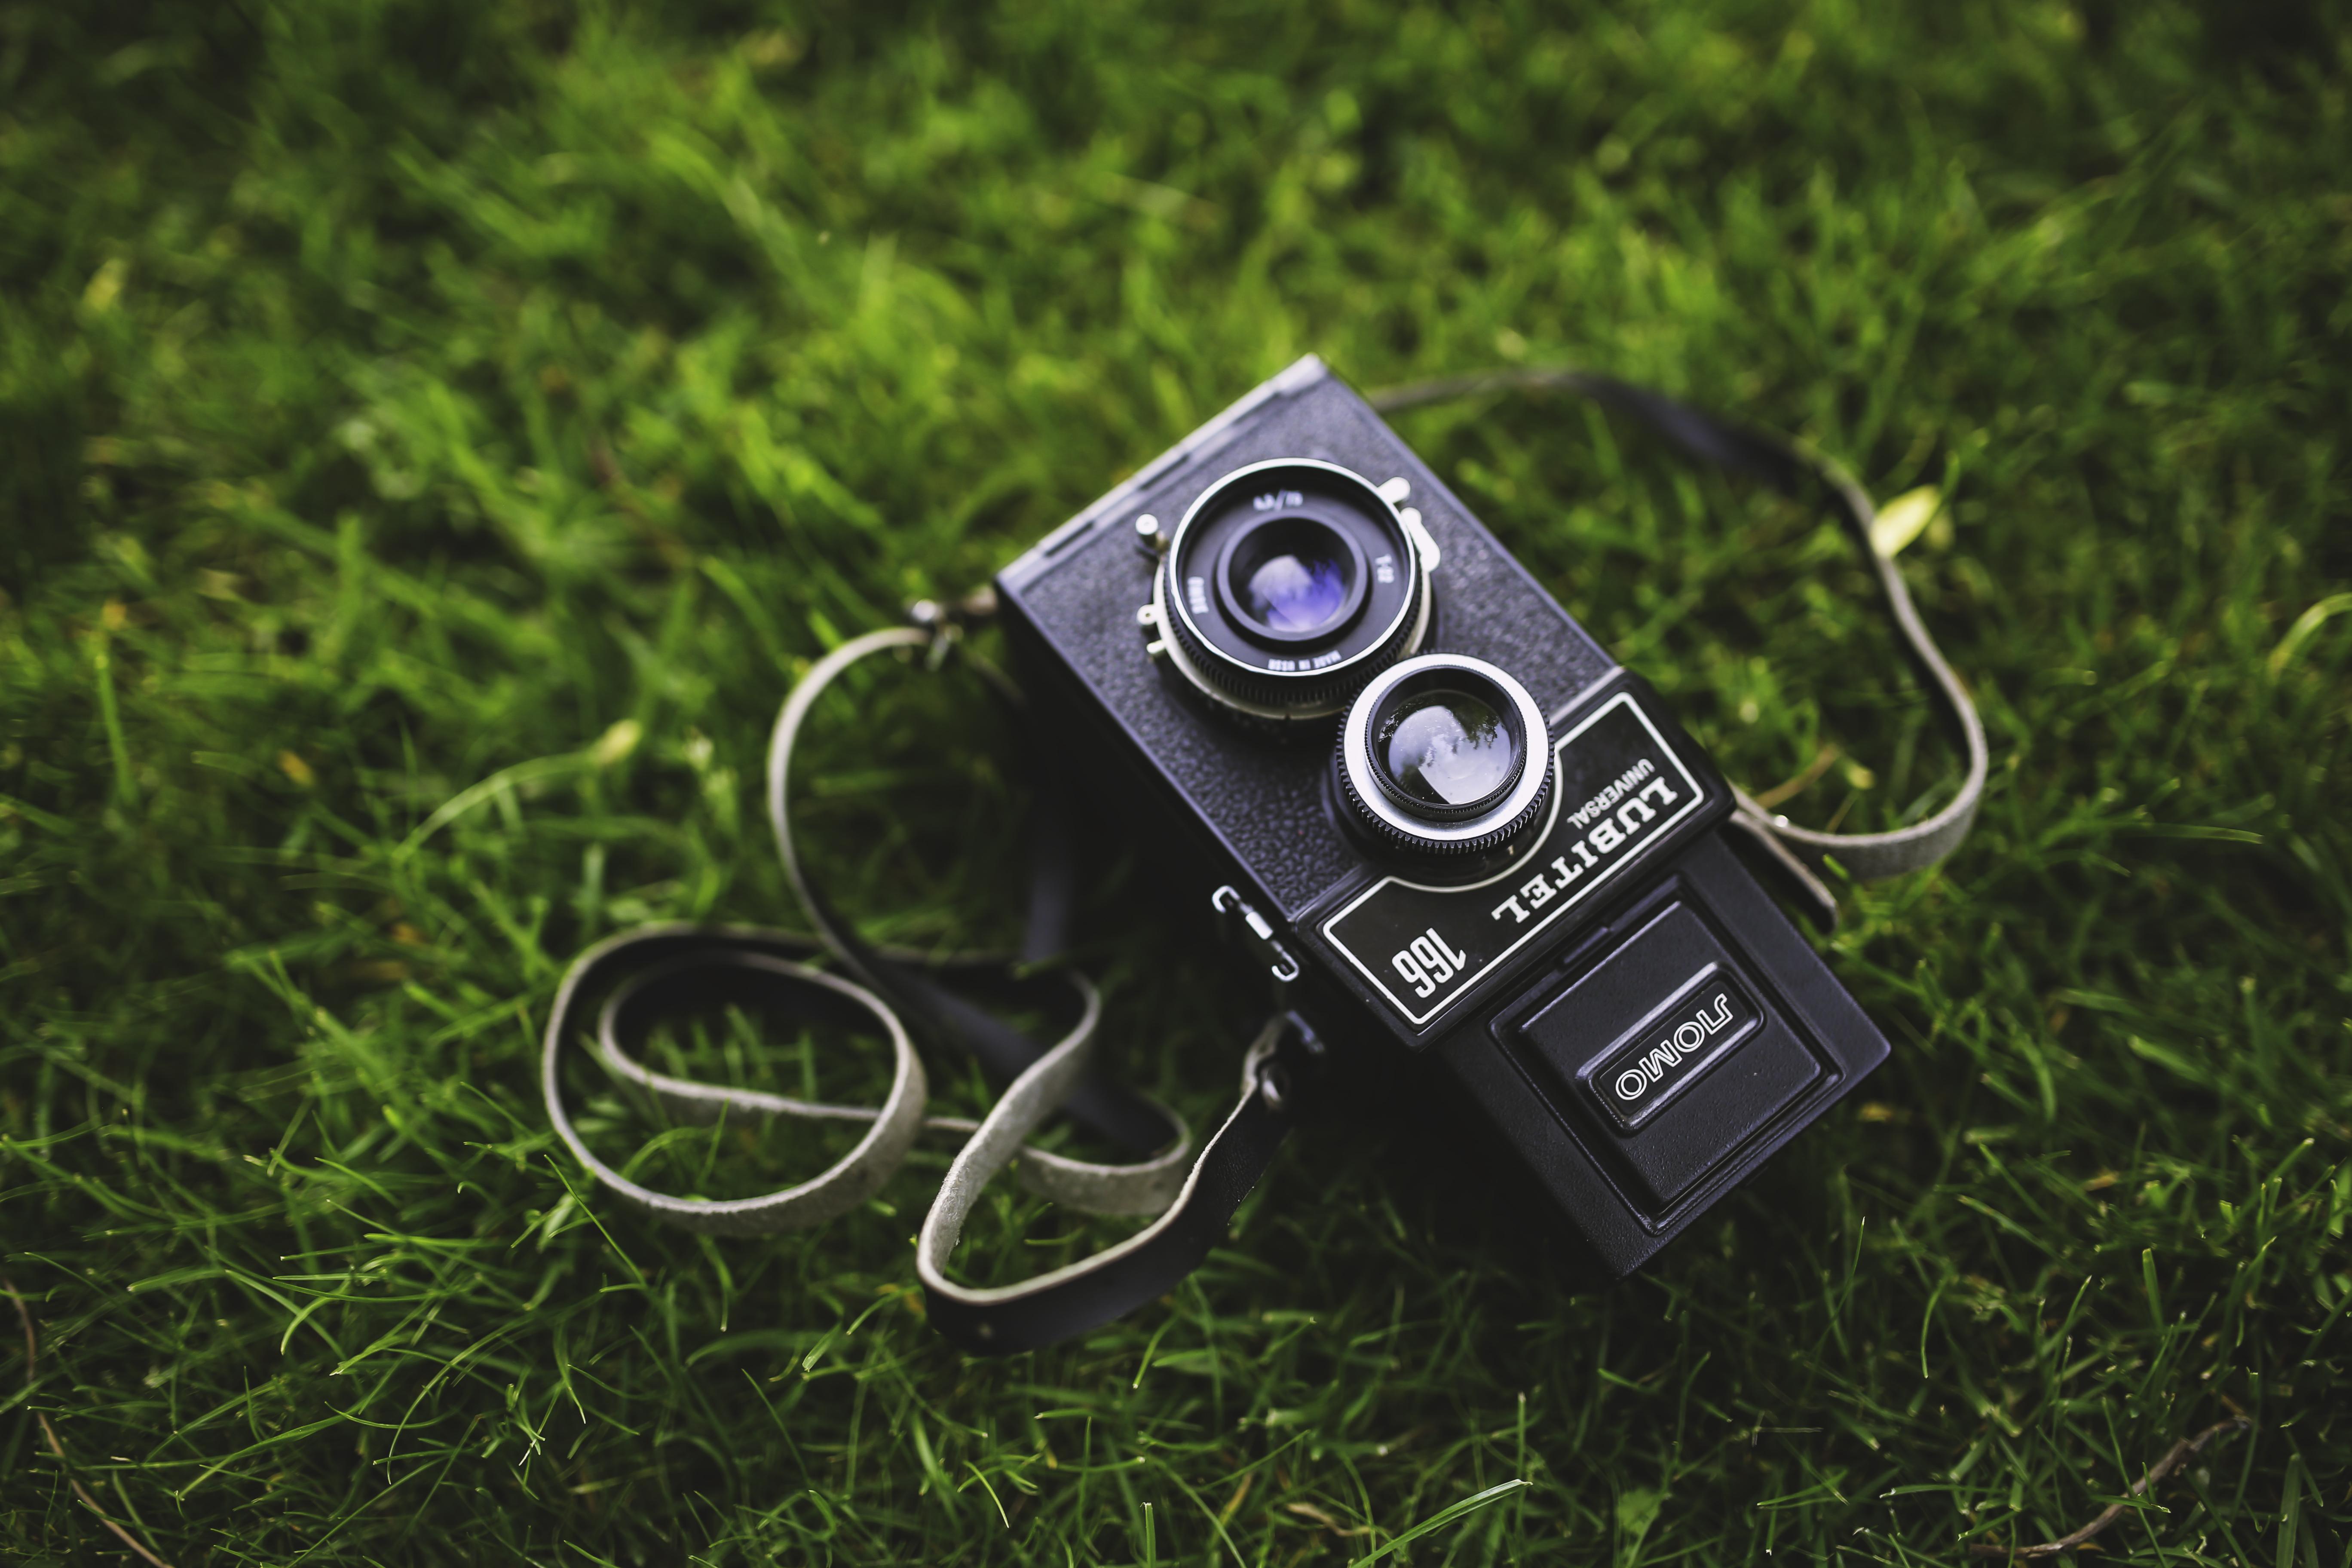 Jeszcze więcej retro! Najchętniej kupowany aparat nauczył się robić… czarno-białe zdjęcia